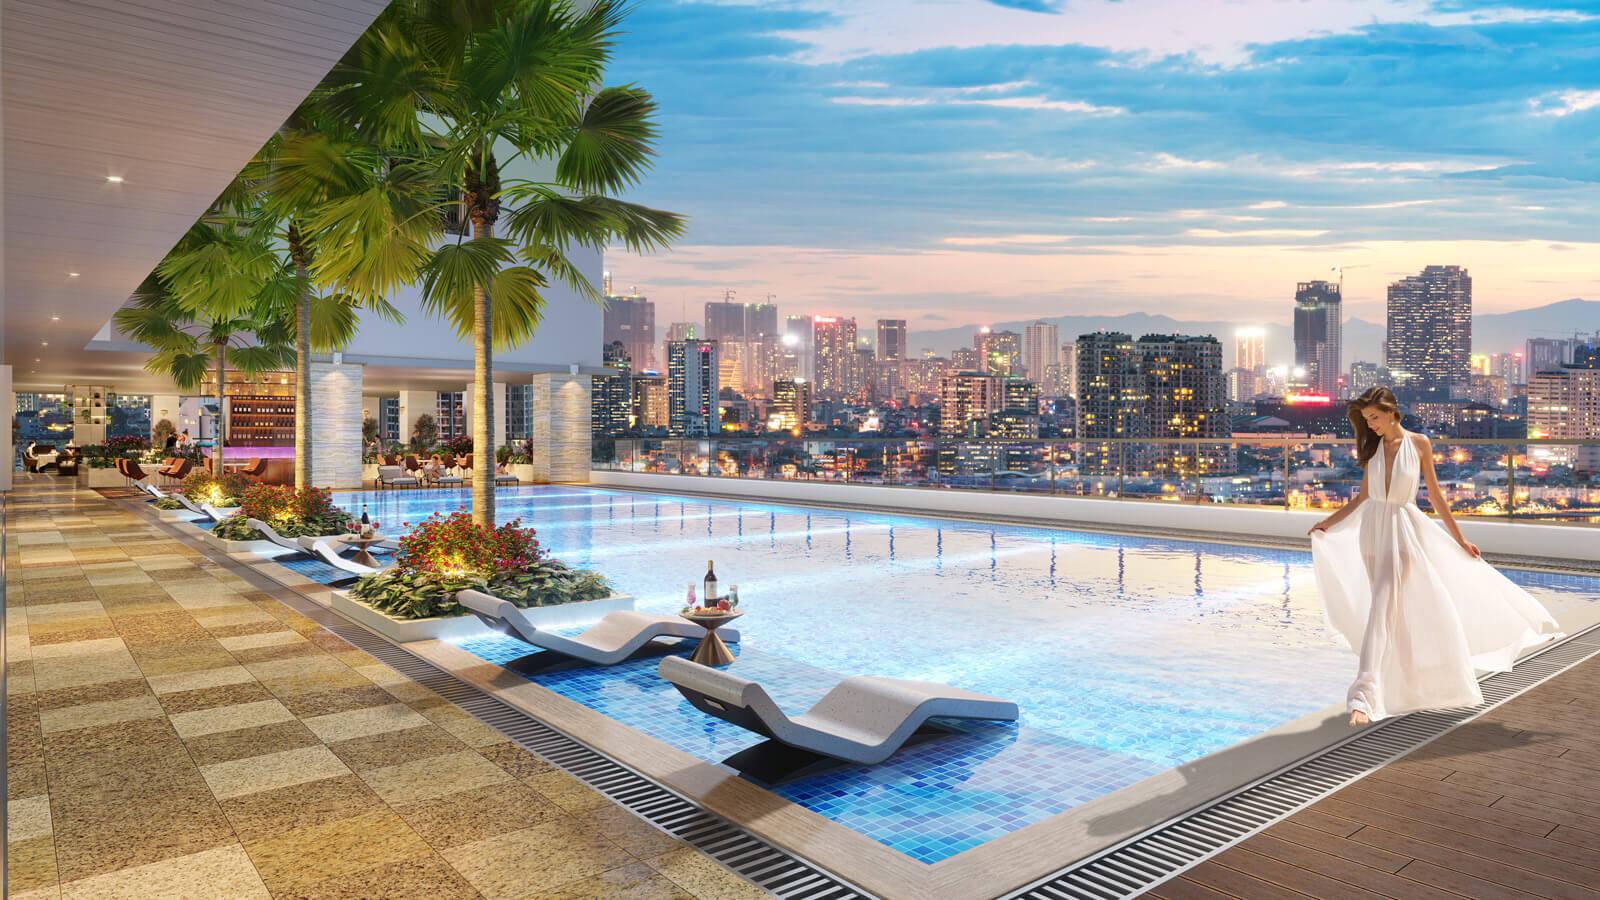 bể bơi dự án brg diamond residence 25 lê văn lương